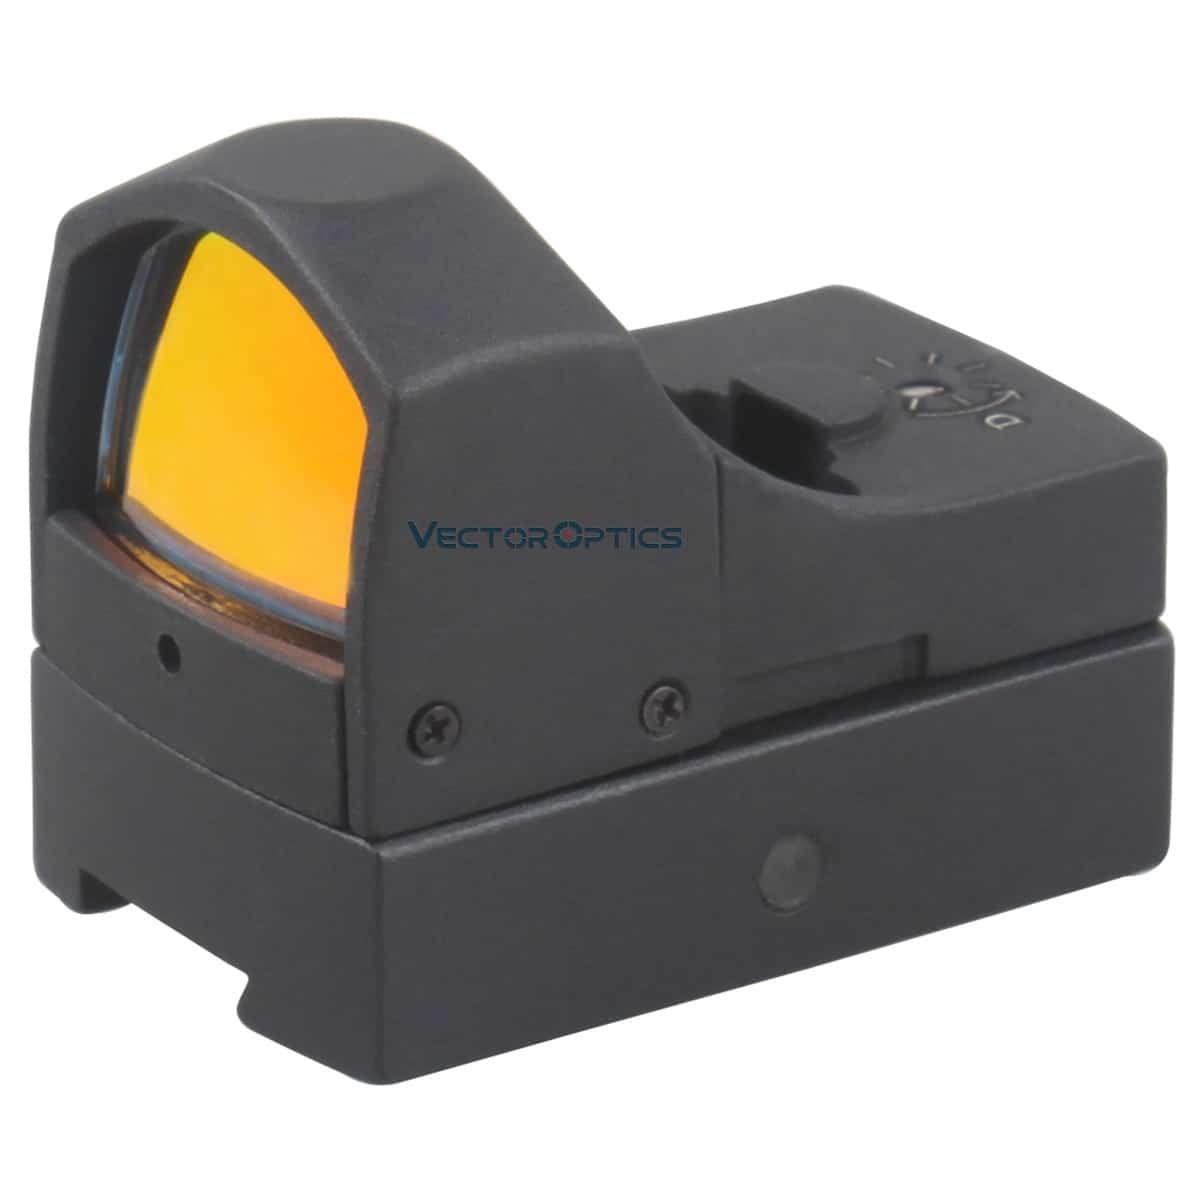 Vector Optics Sphinx 1x22 Dovetail